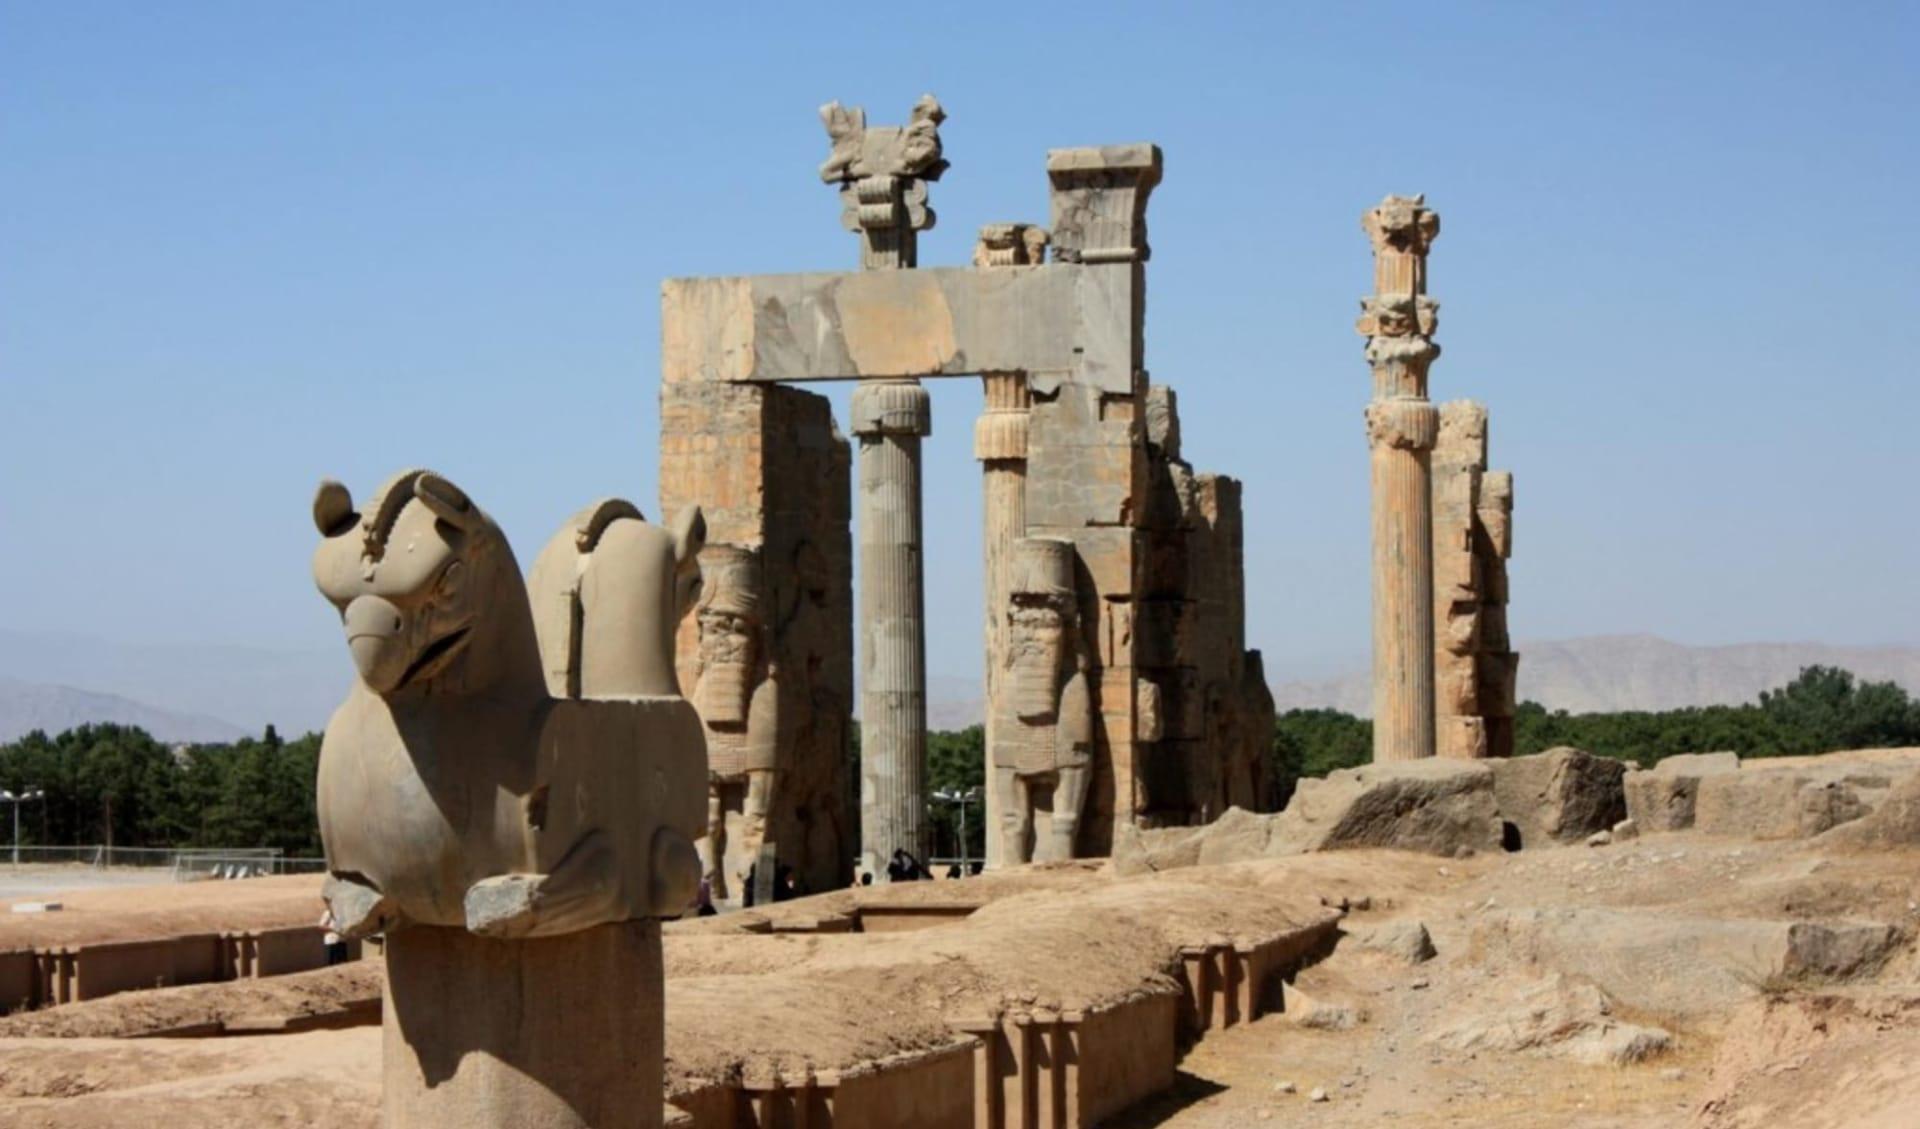 Persischer Golf - 3000 Jahre Handels- und Konfliktgeschichte ab Shiraz: Persepolis